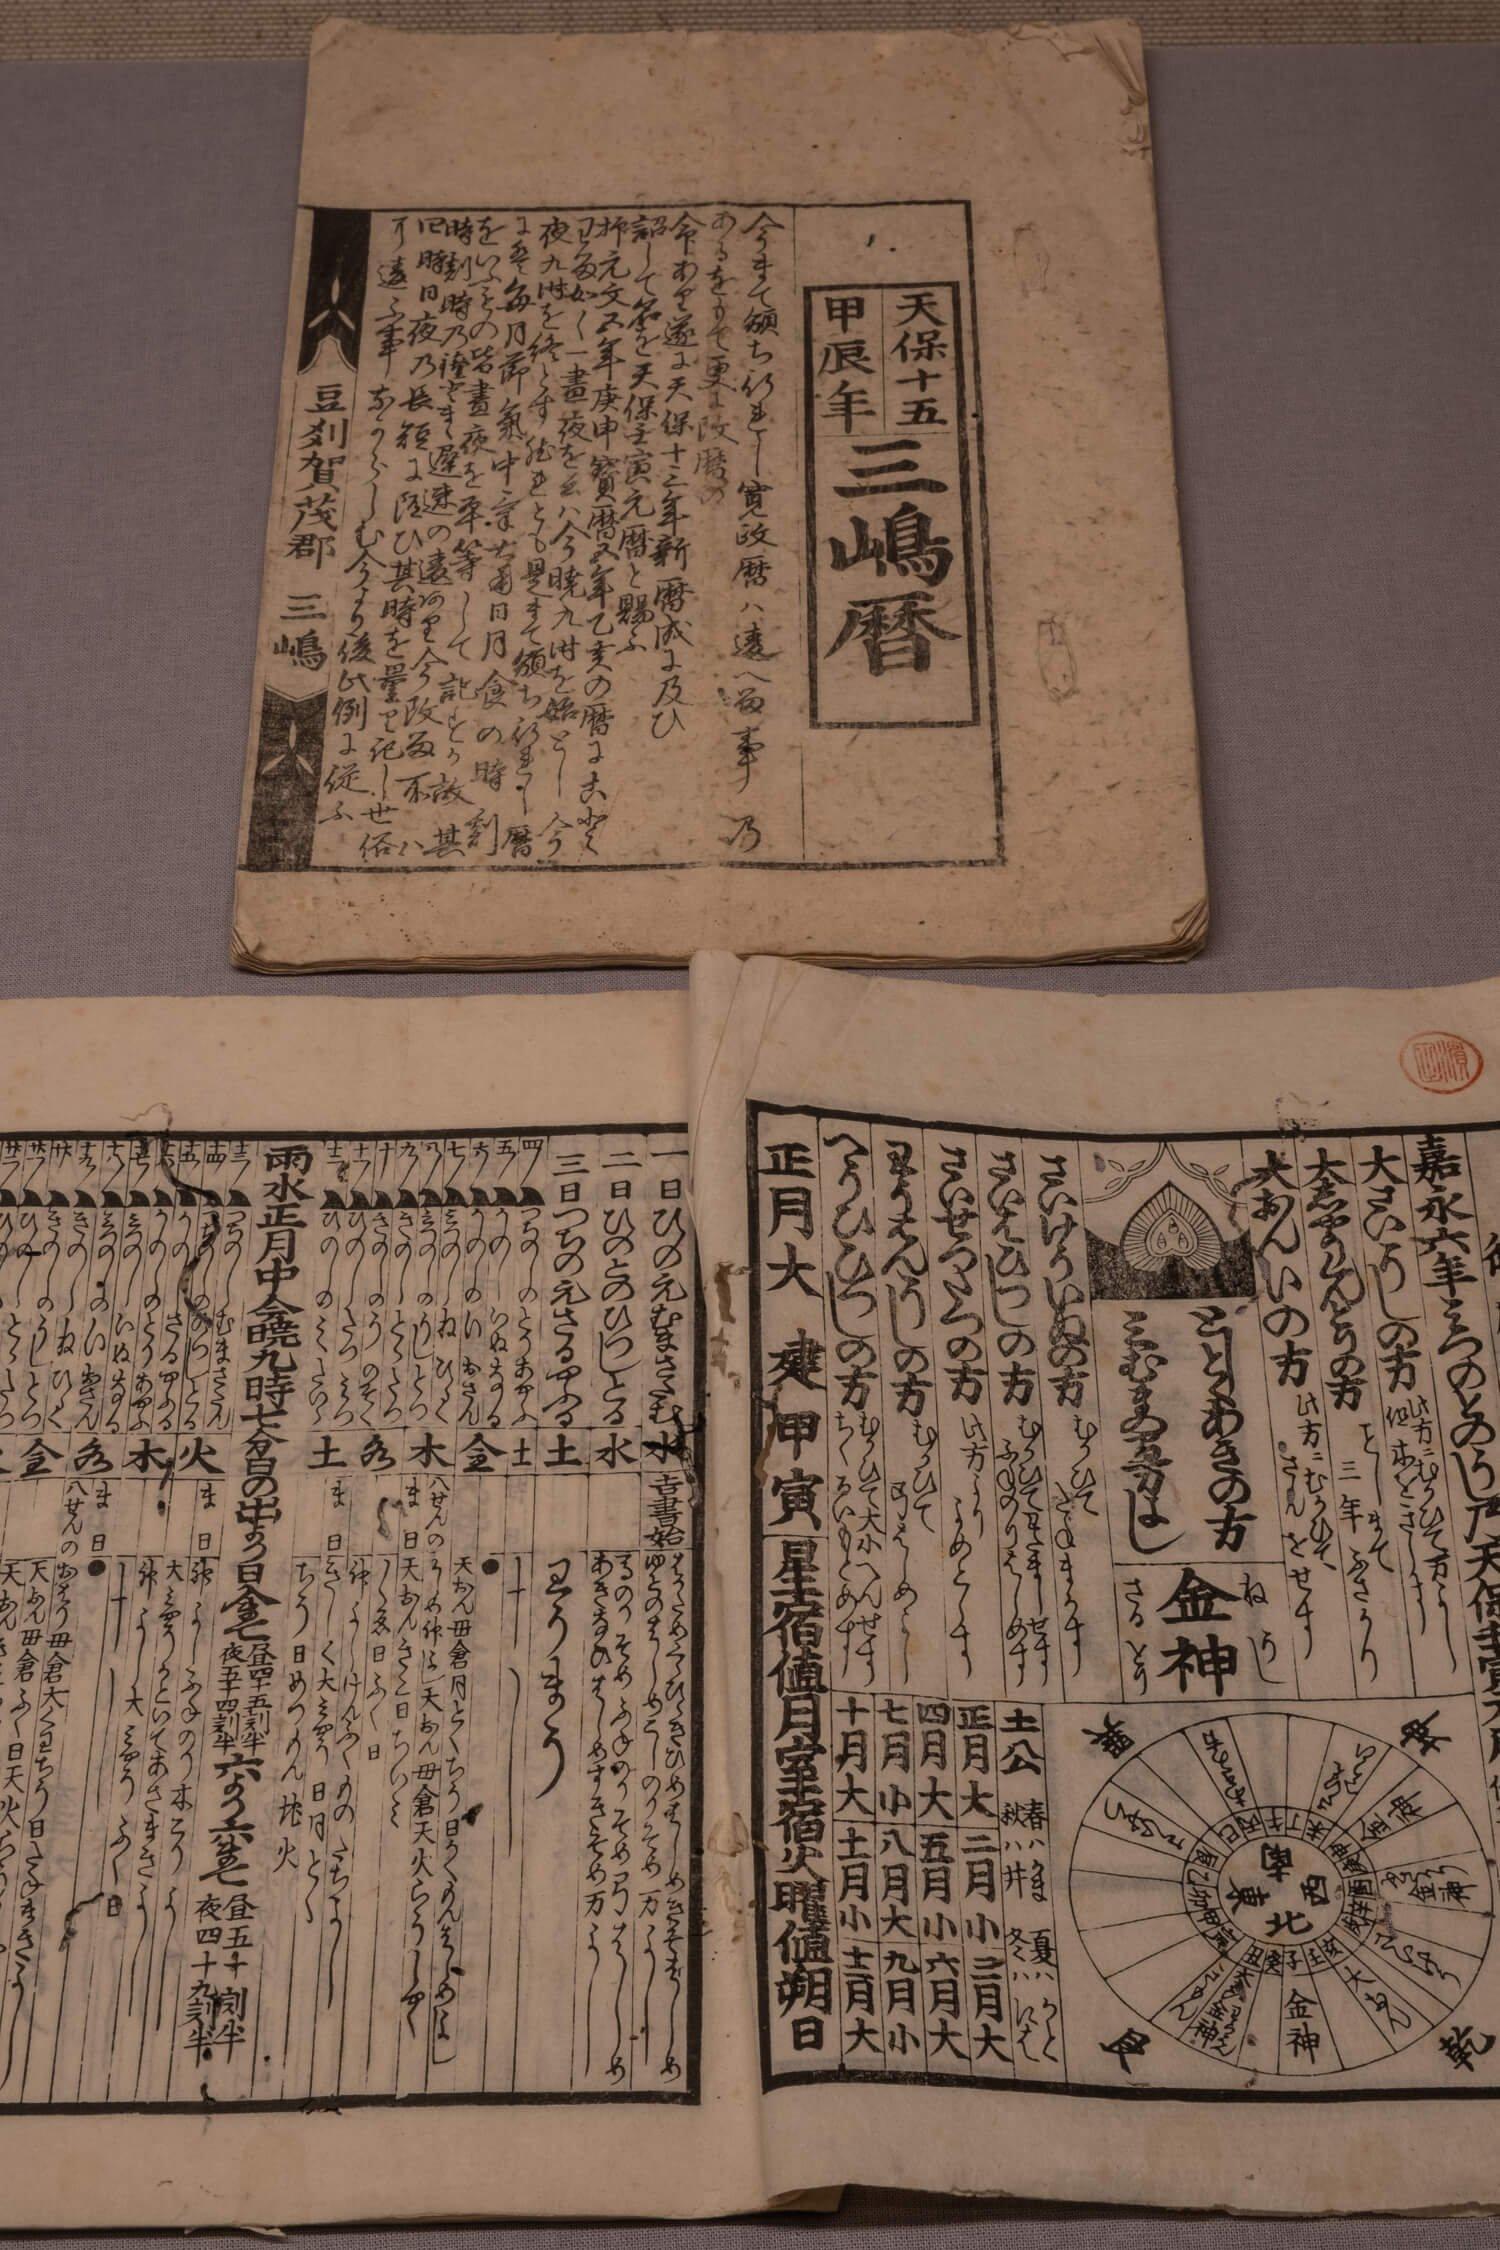 江戸時代後期に普及した帳面型の綴版型三嶋暦。 当時116文(約2320円)で民間に販売されていた。